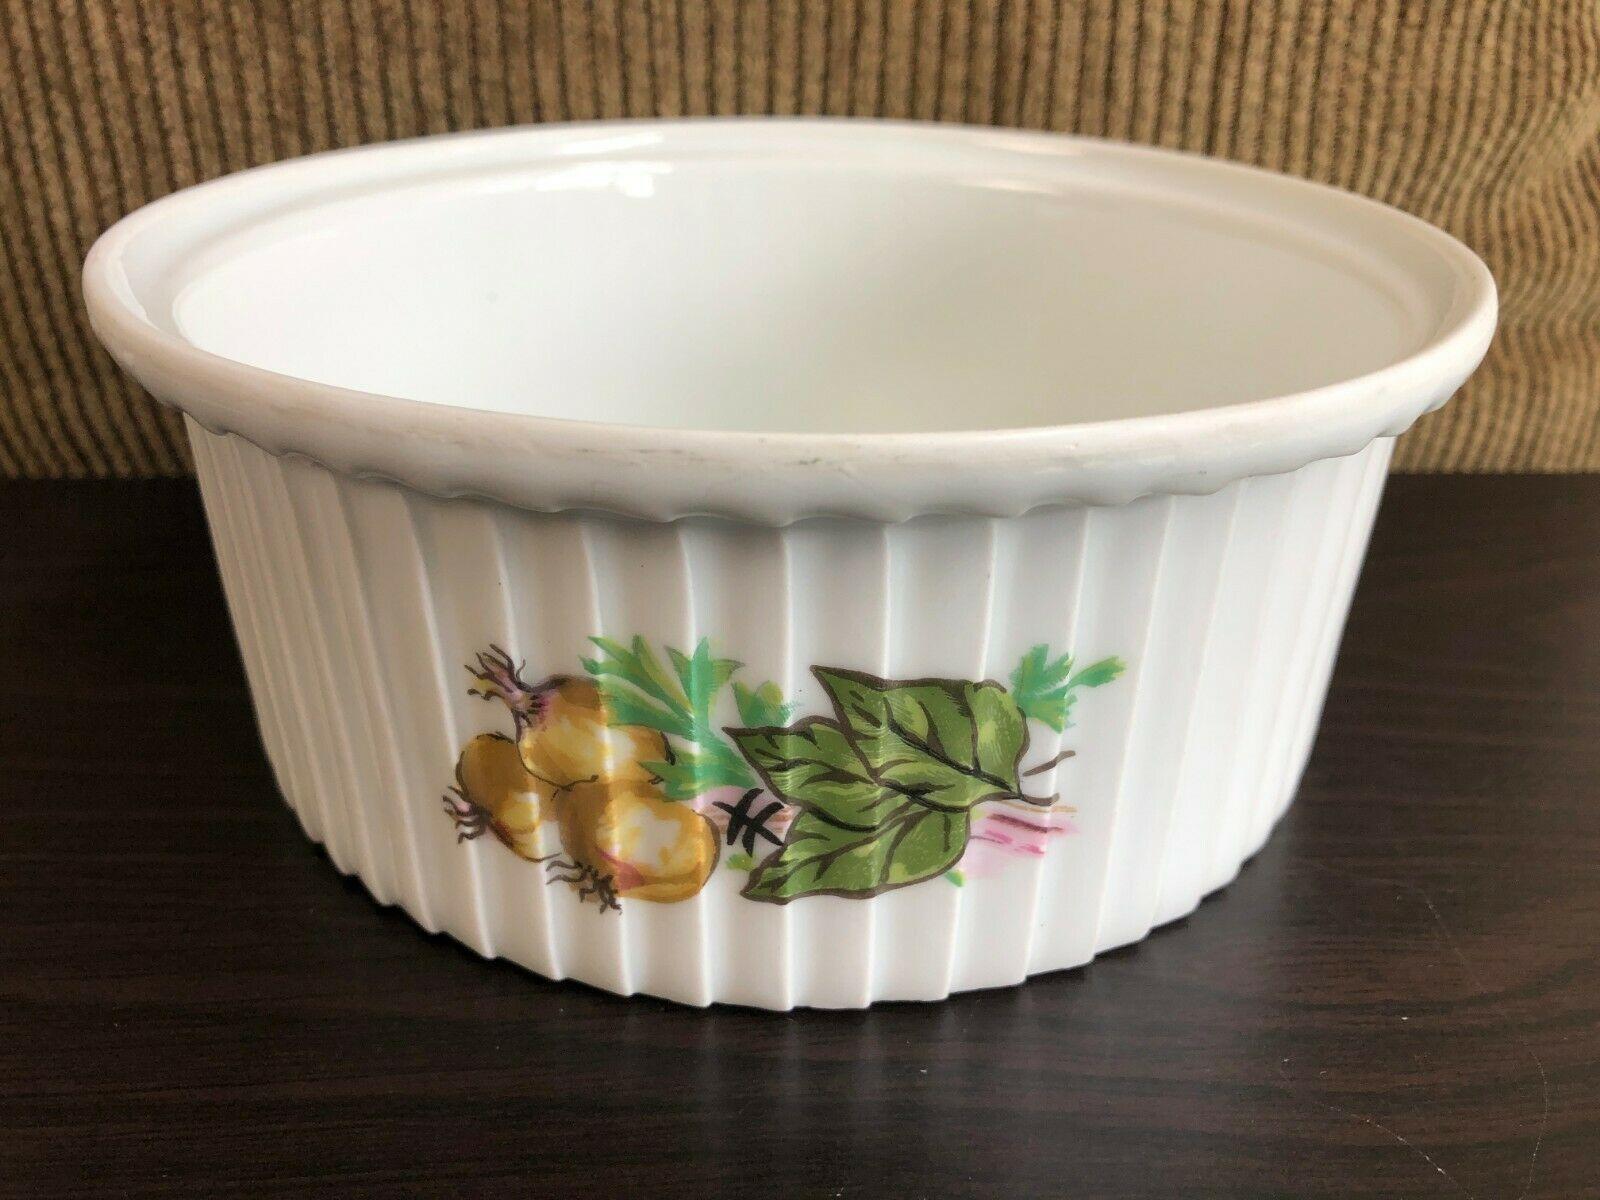 Haviland Aluminite Limoges France White Soufflé Casserole Bowl Vegetable Plants - $24.31